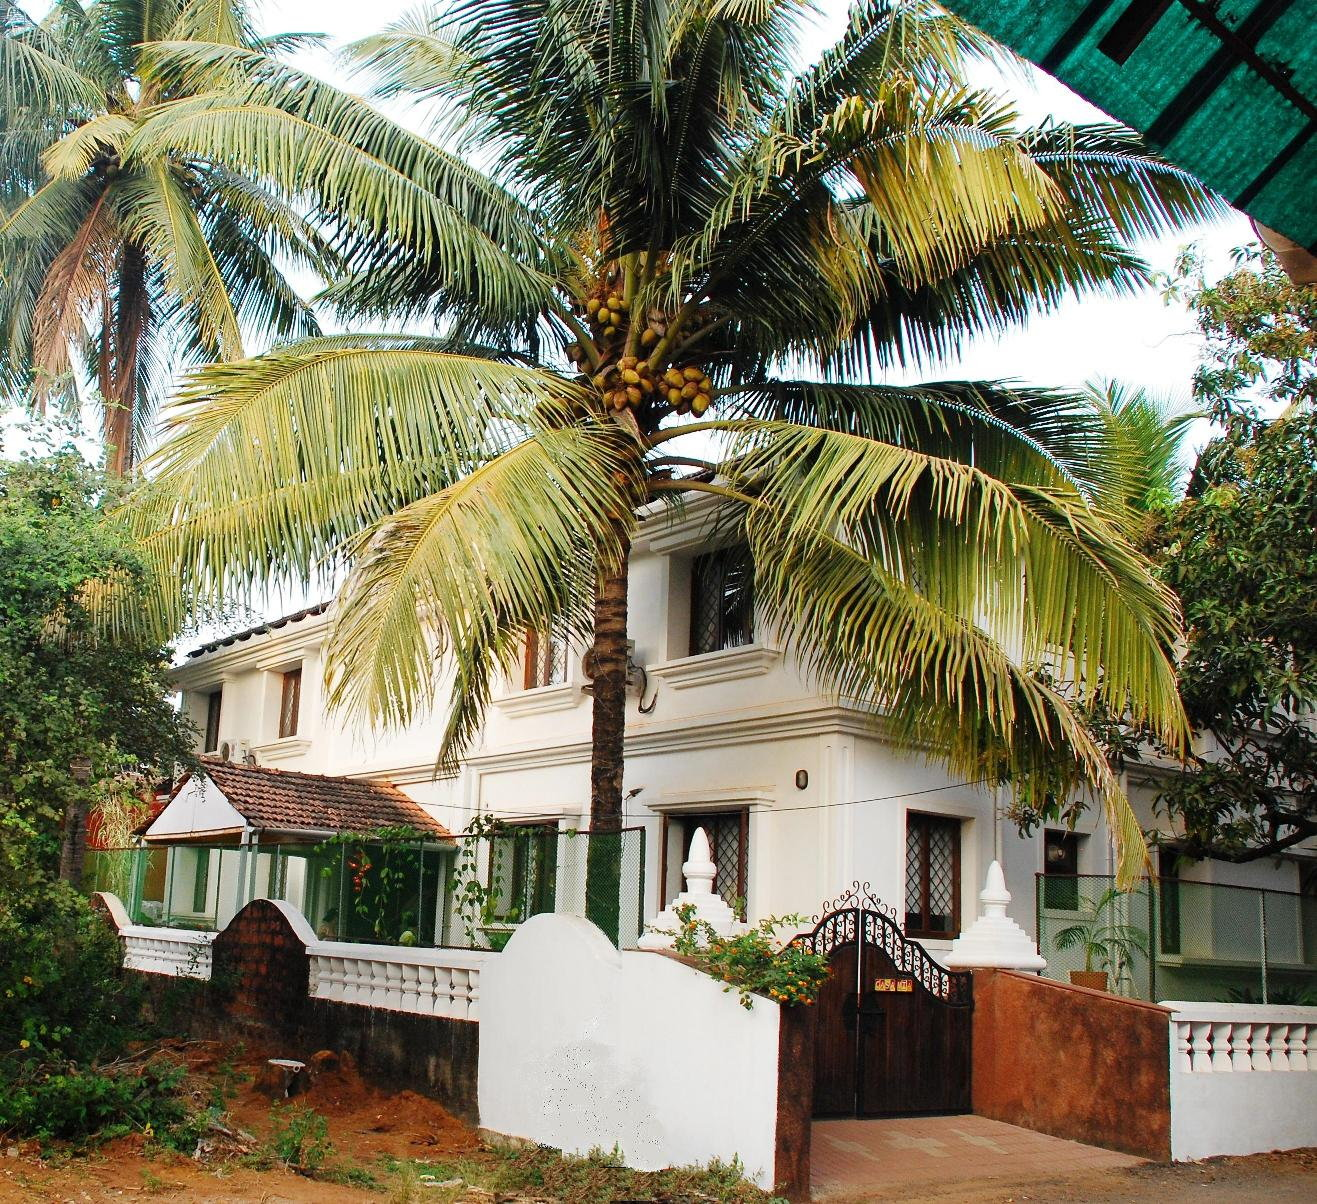 Casa Mia, Goa-street view